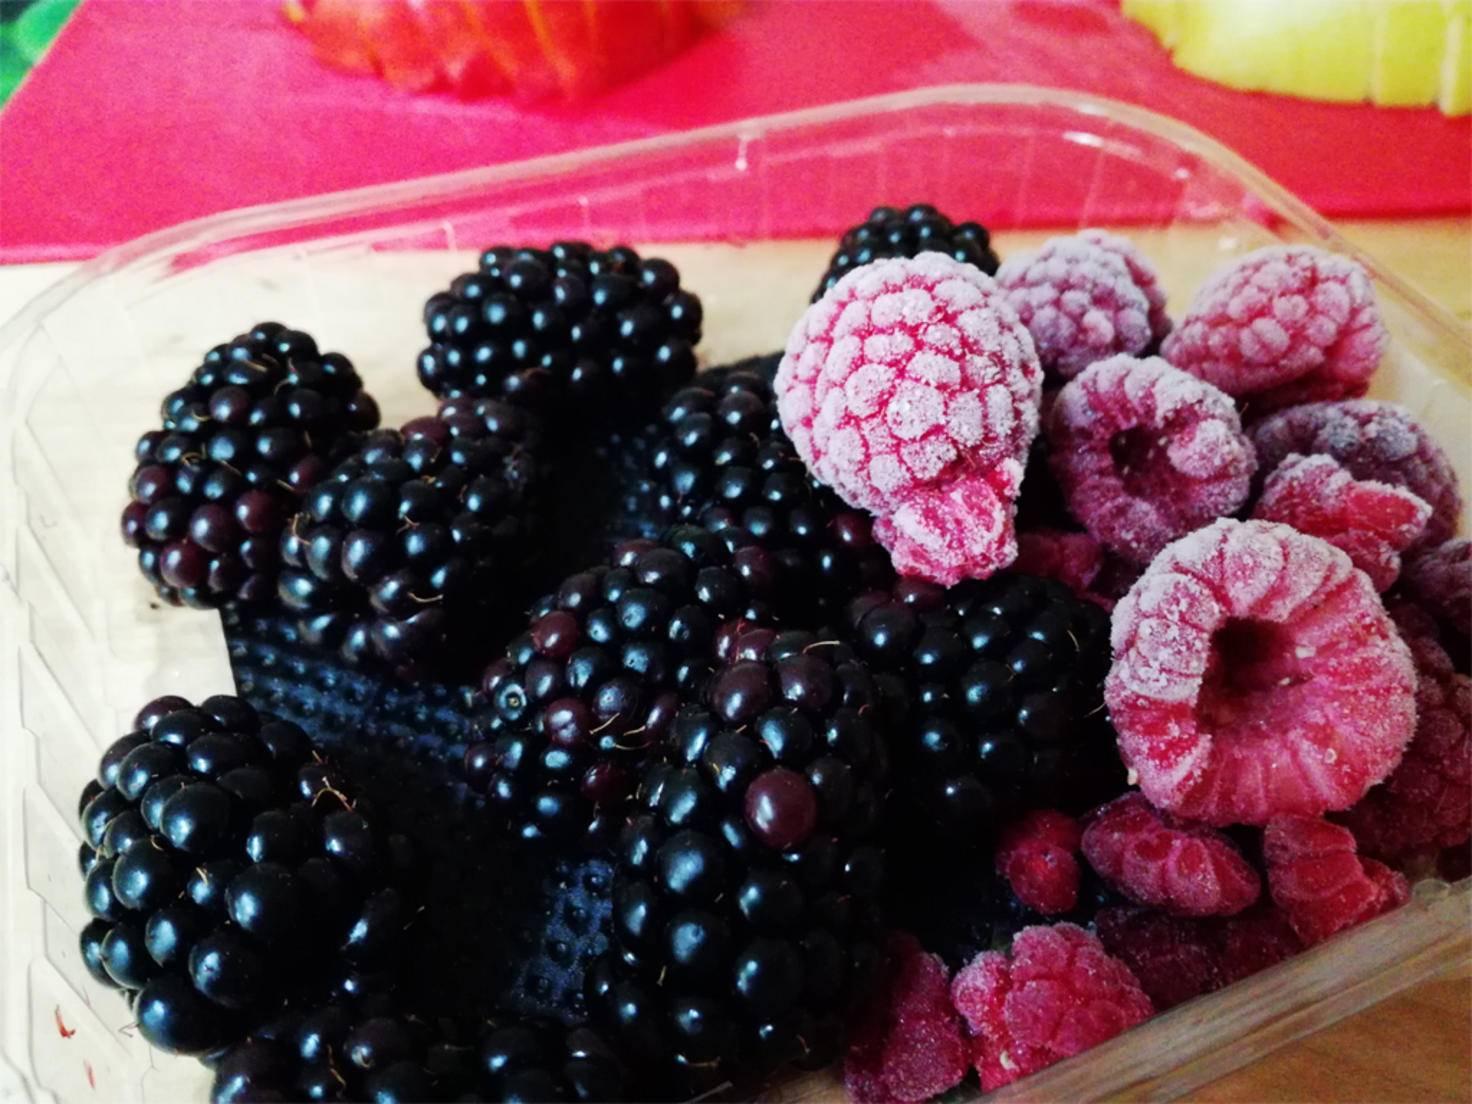 Auch im Lebensmittelmodus, der die Farbsättigung erhöht, wirkt der Hintergrund verwaschen.